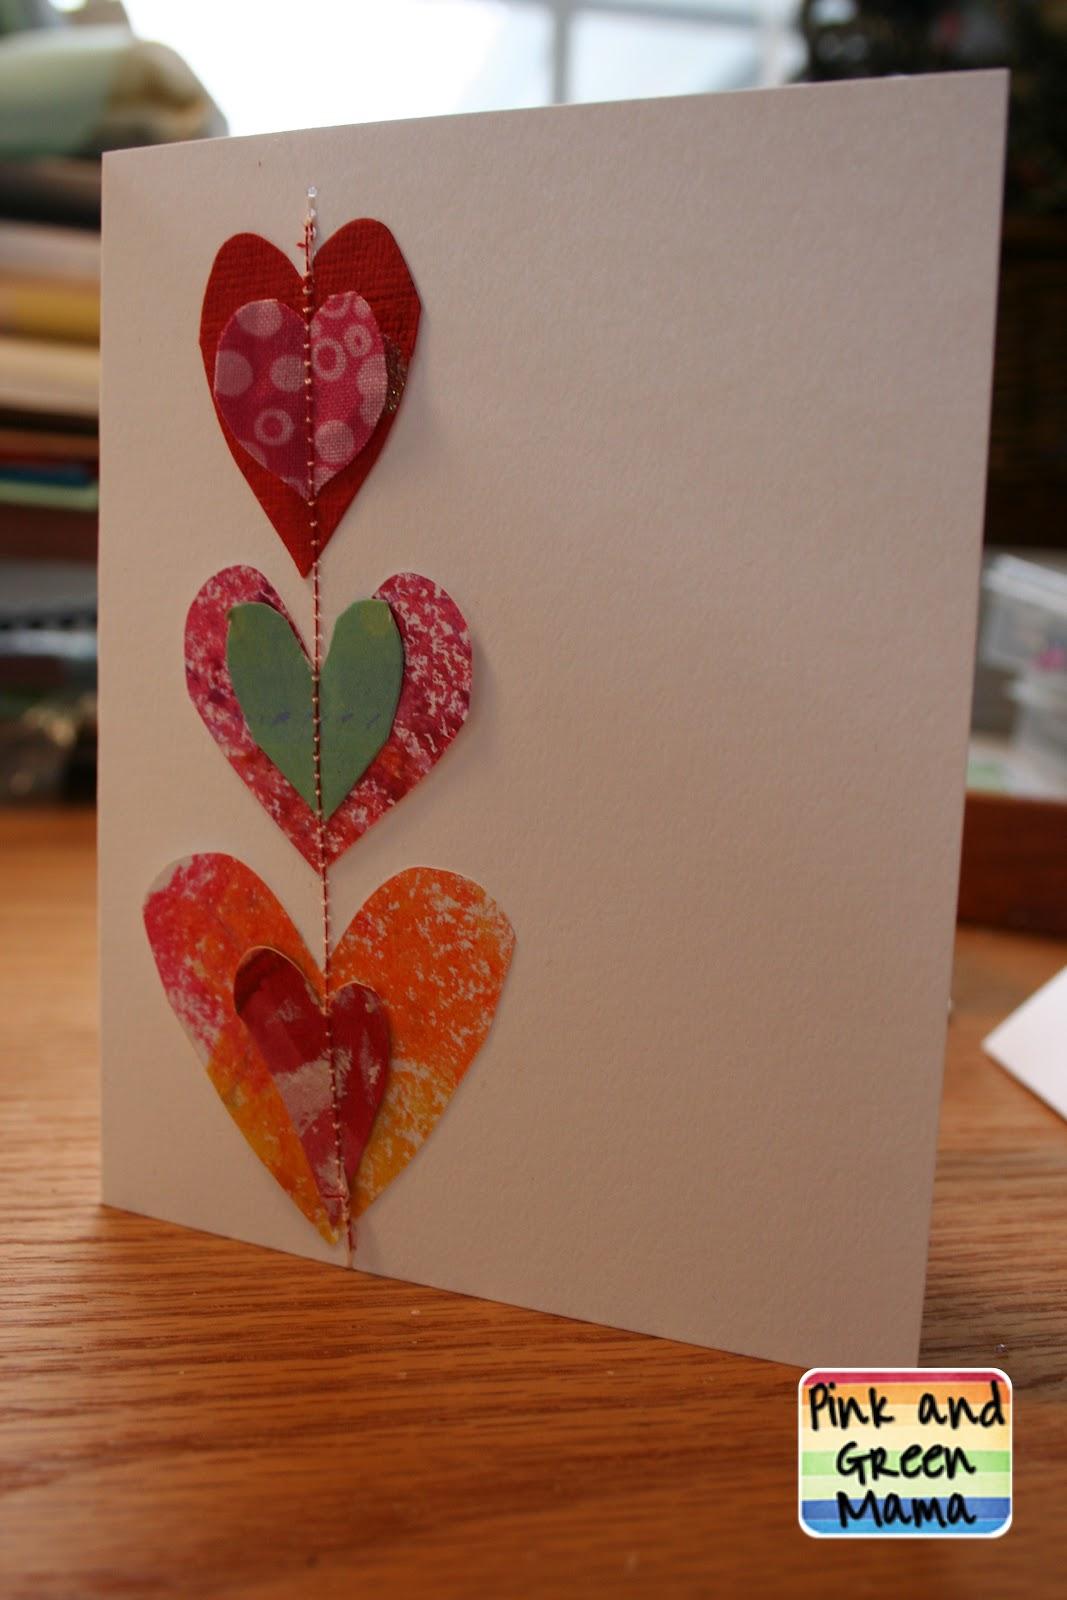 Вранье, открытка для мамы своими руками просто так